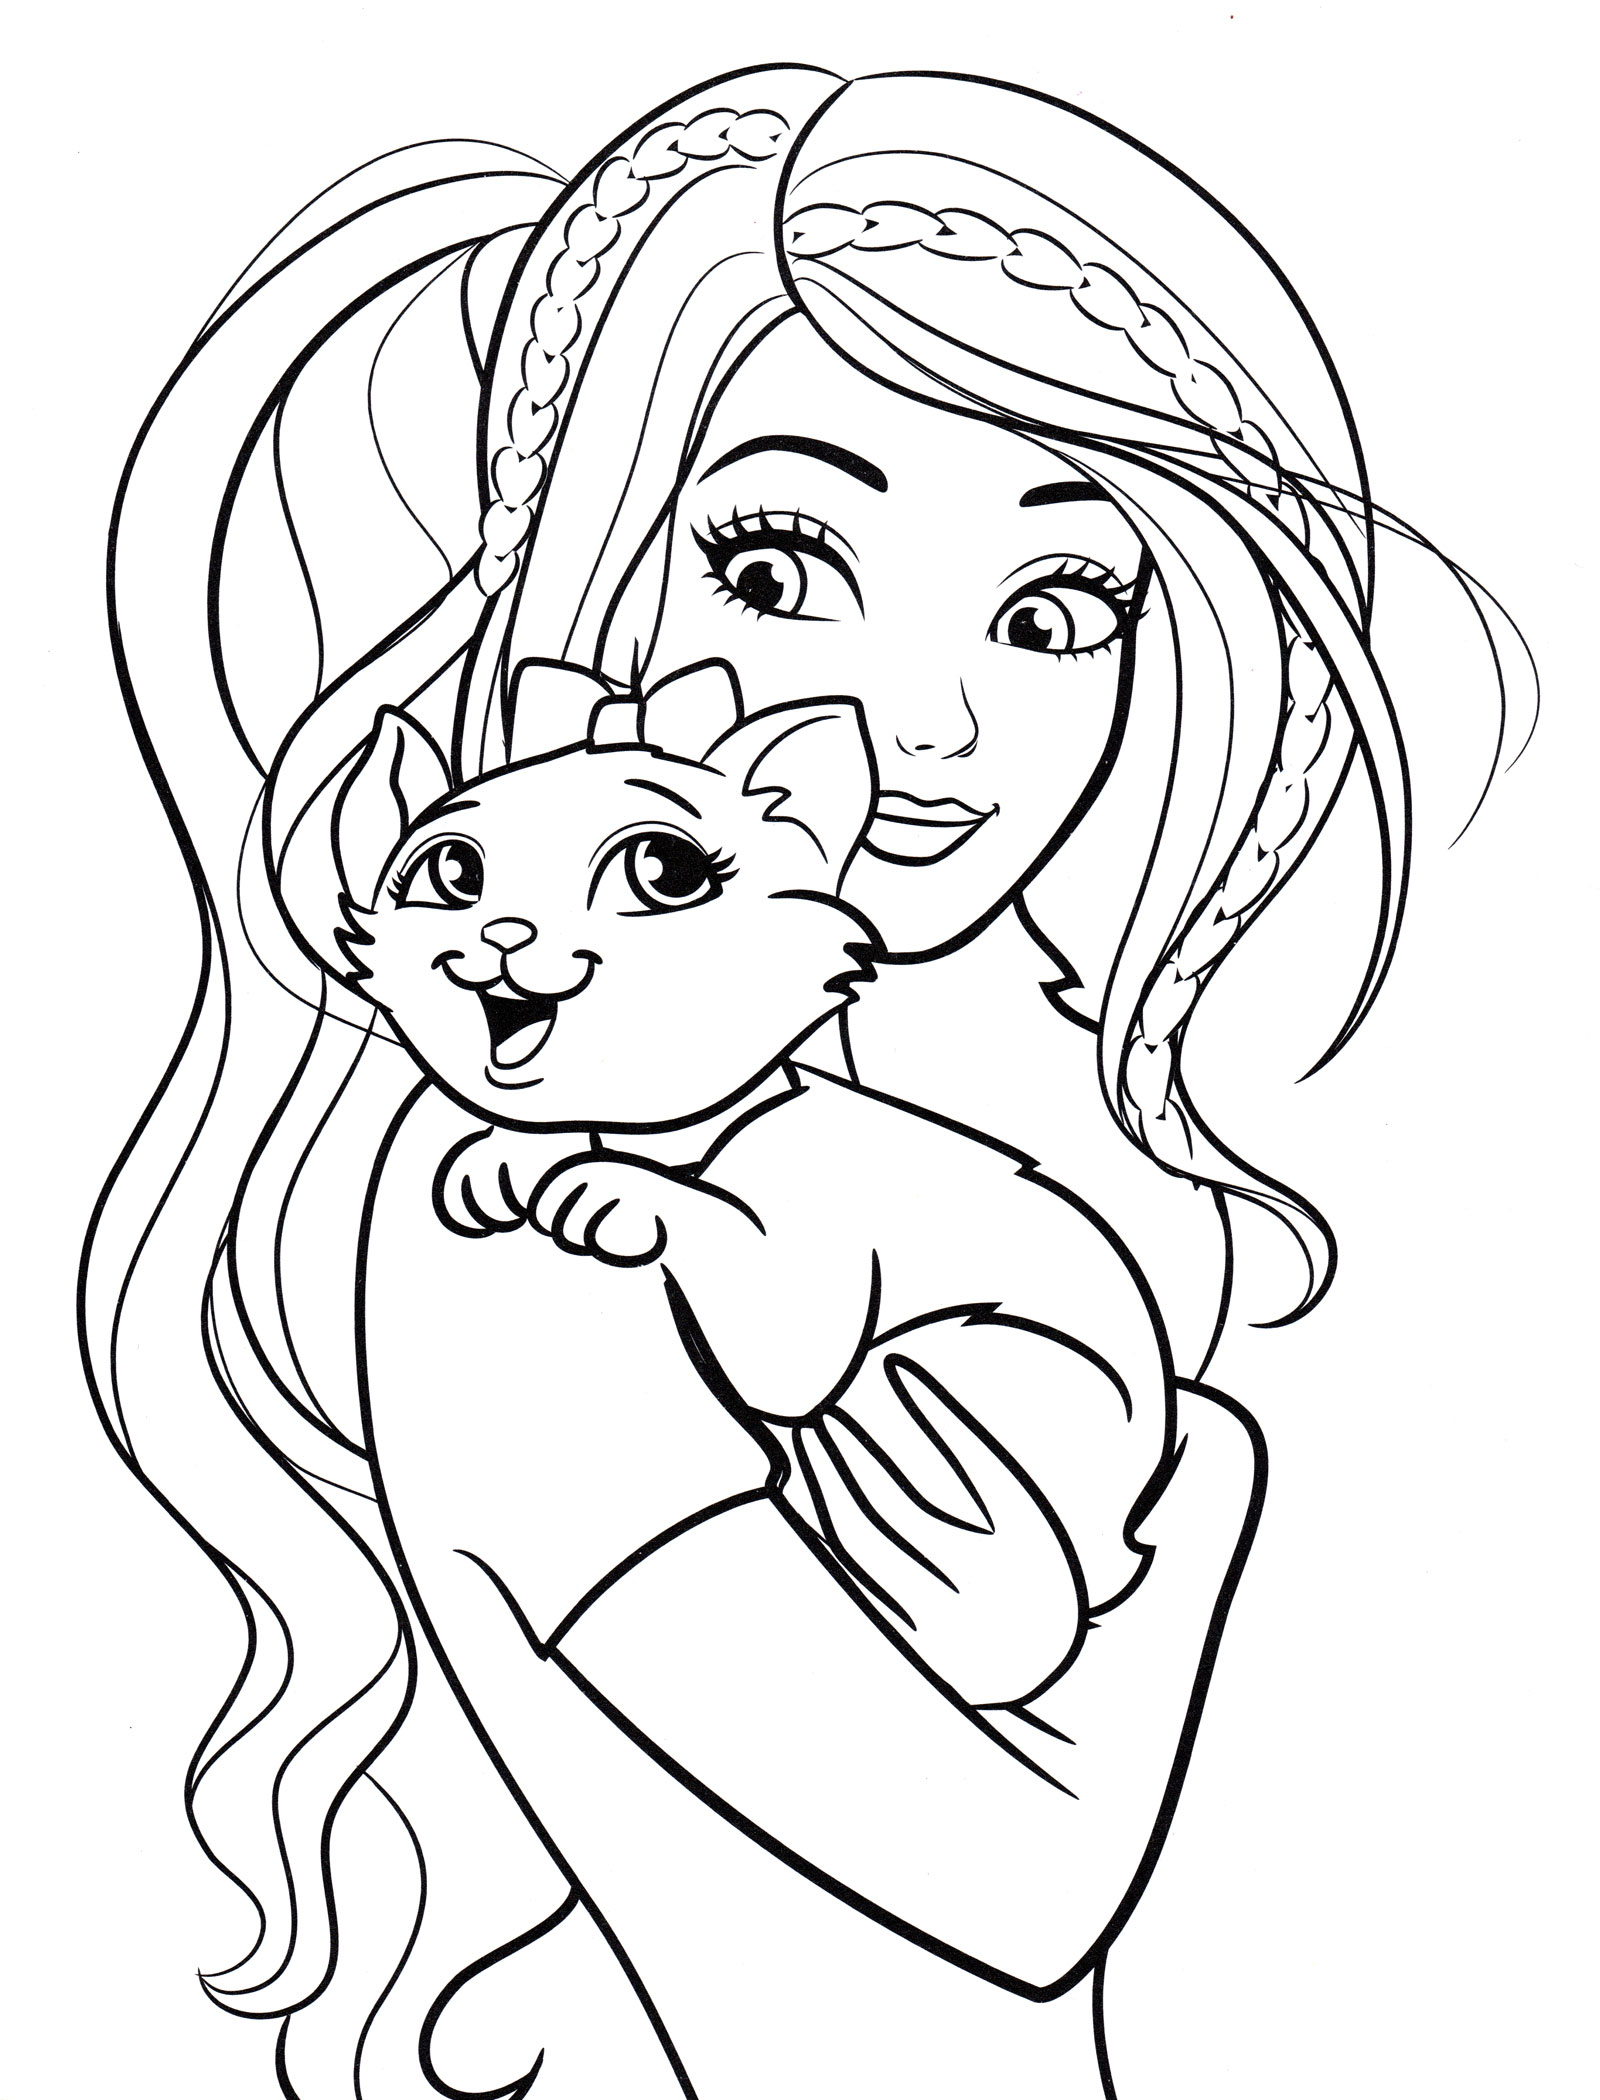 Раскраска Барби и кошка Блисса - распечатать бесплатно